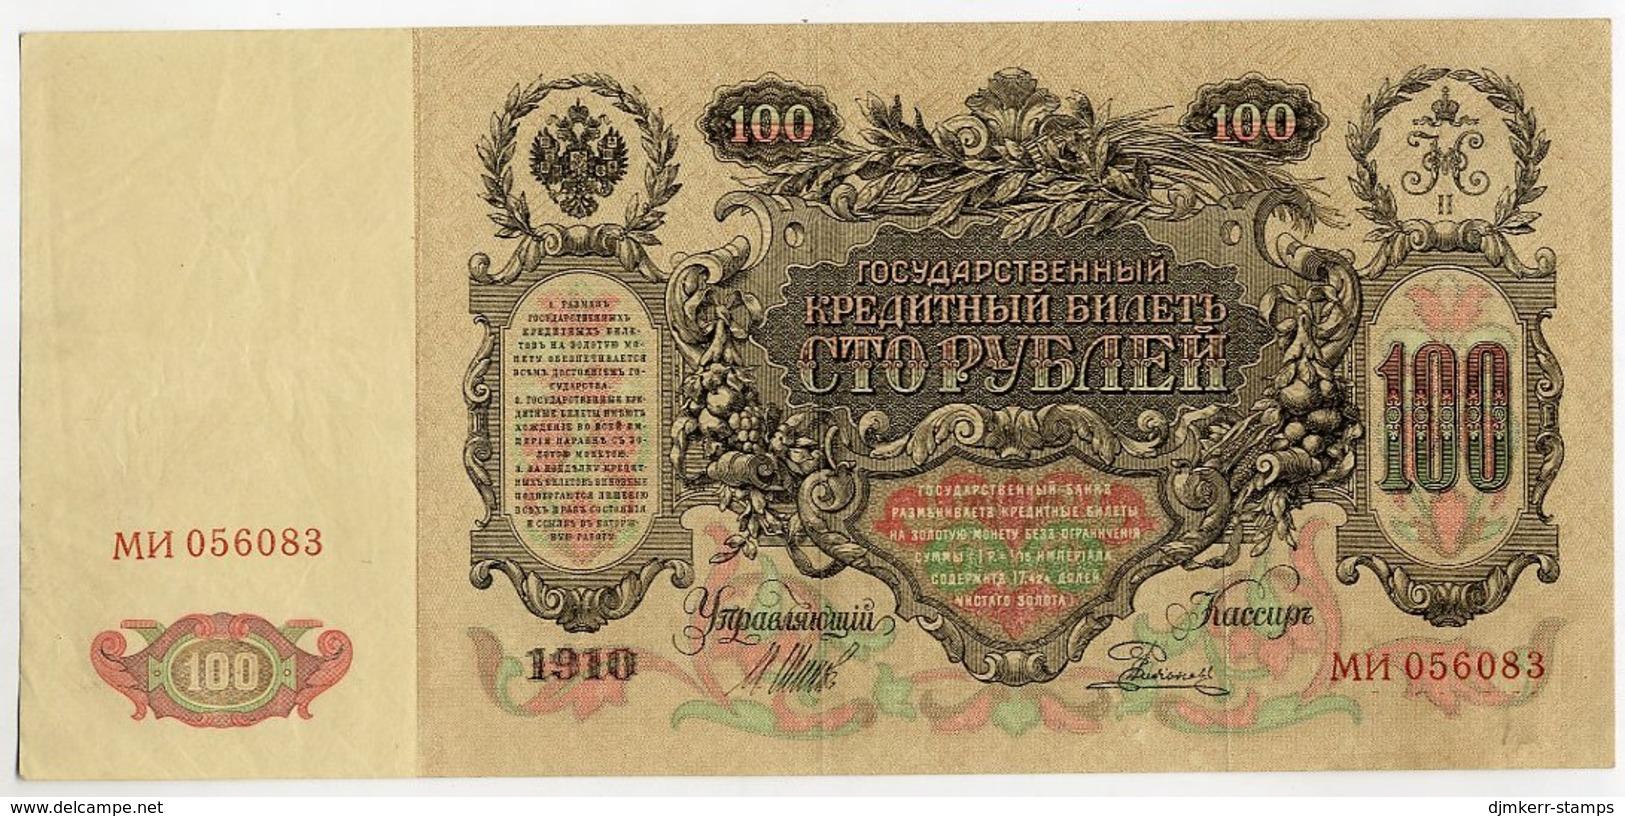 RUSSIA 1910  100 Rub. (Shipov/Rodionov) VF P13b - Russia